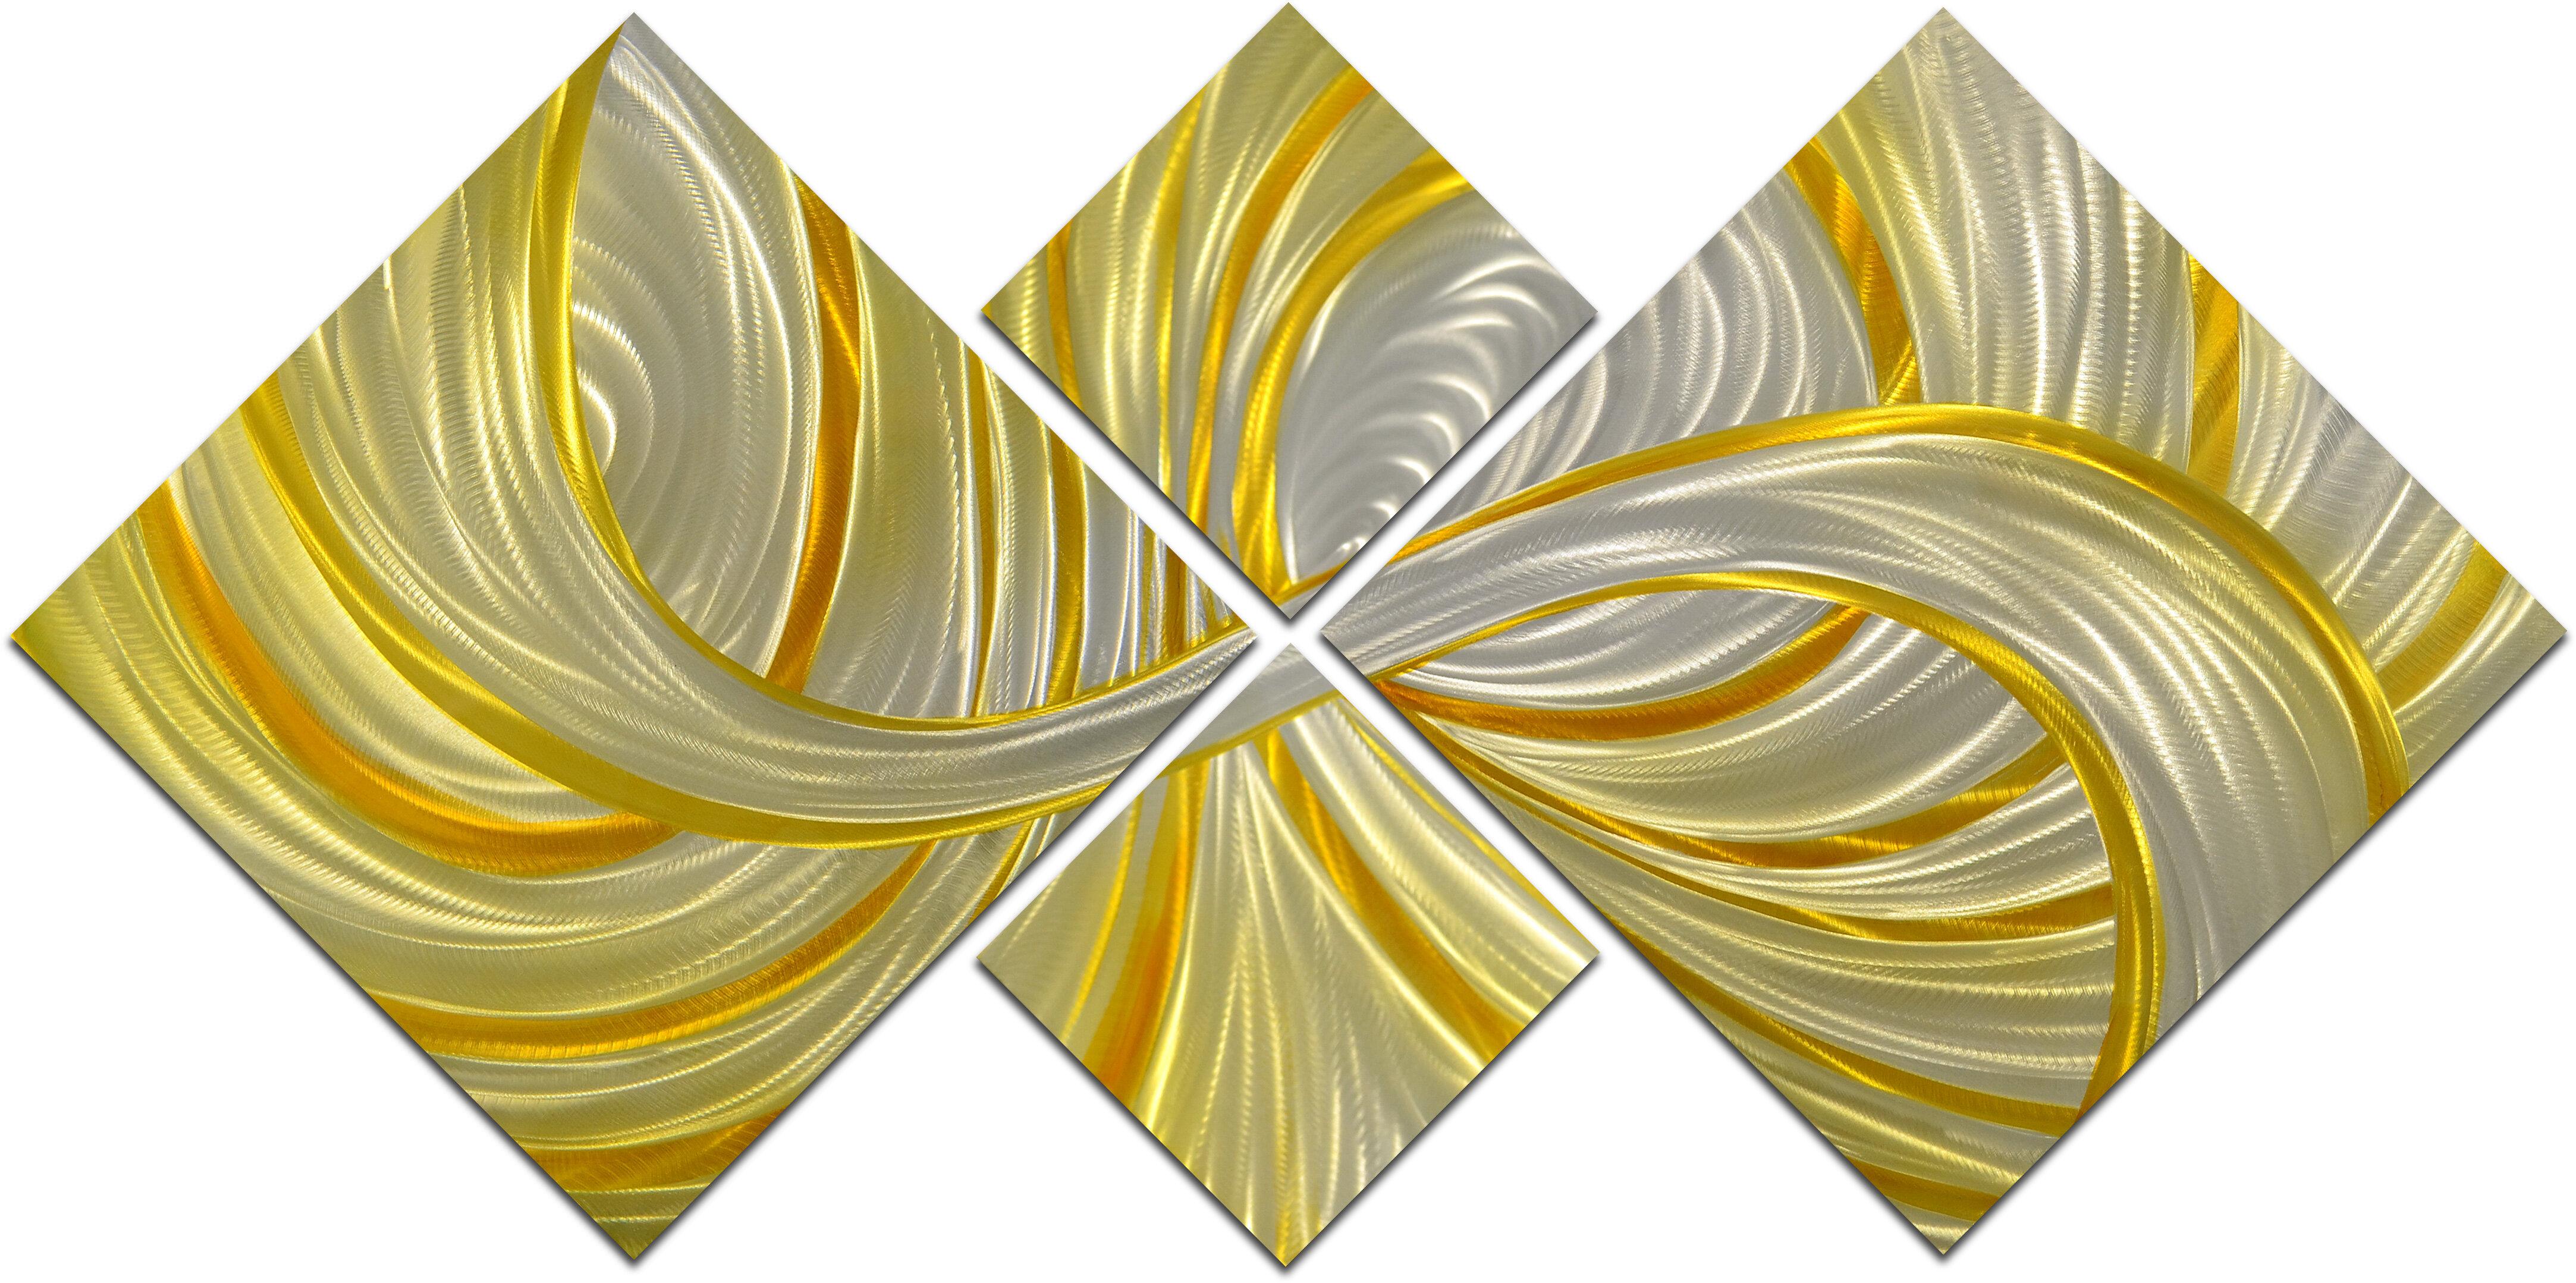 Omax Decor Deceptive Golden Curls Wall Décor Set   Wayfair